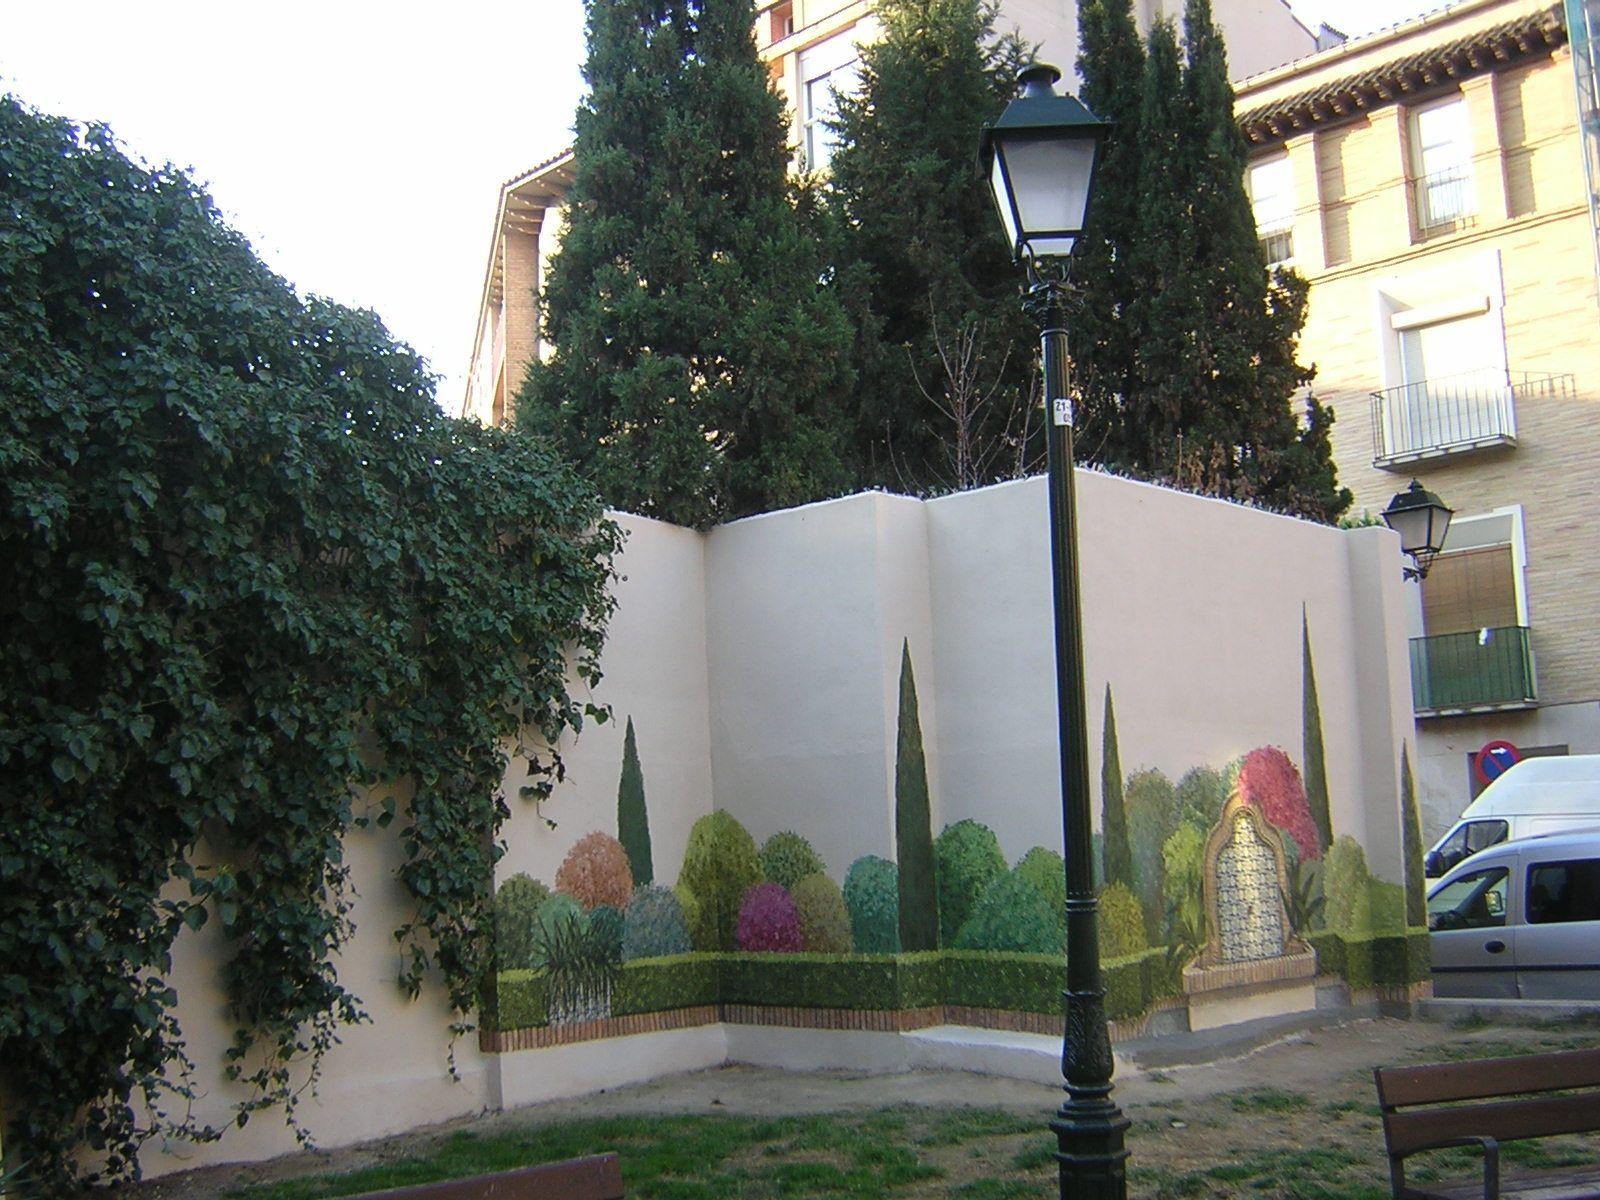 mural%20007